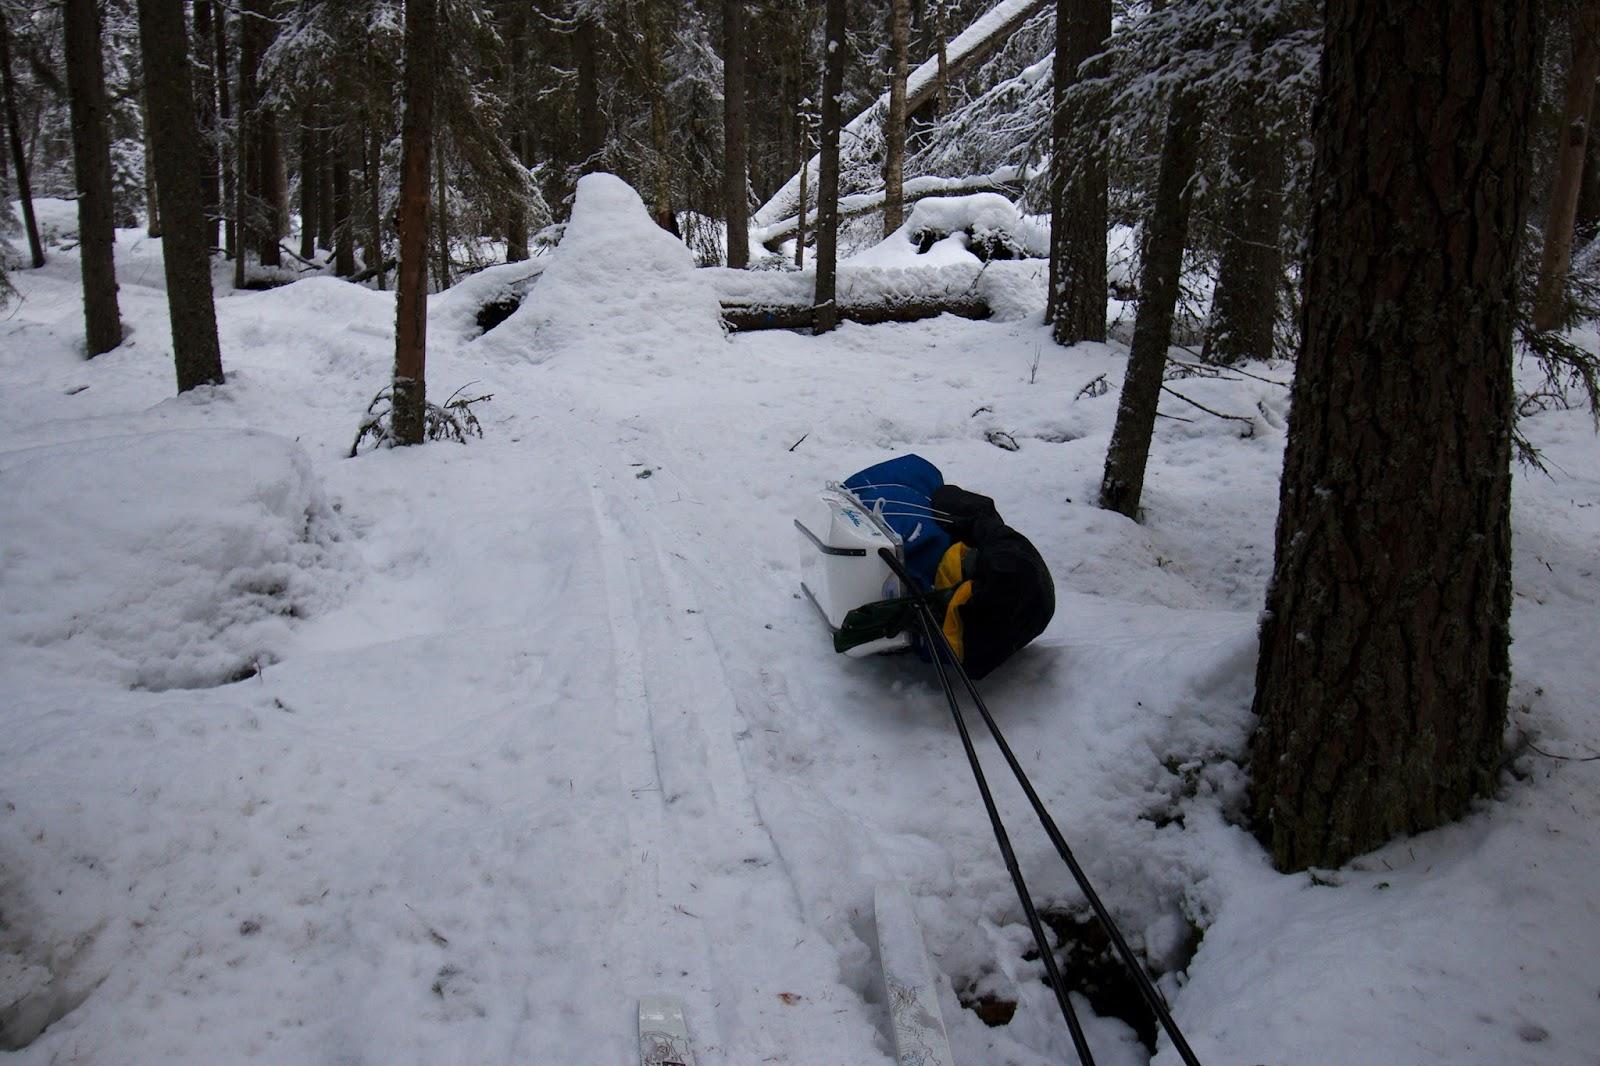 vähän lumen peittämät pitkospuut saavat ahkion kaatumaan